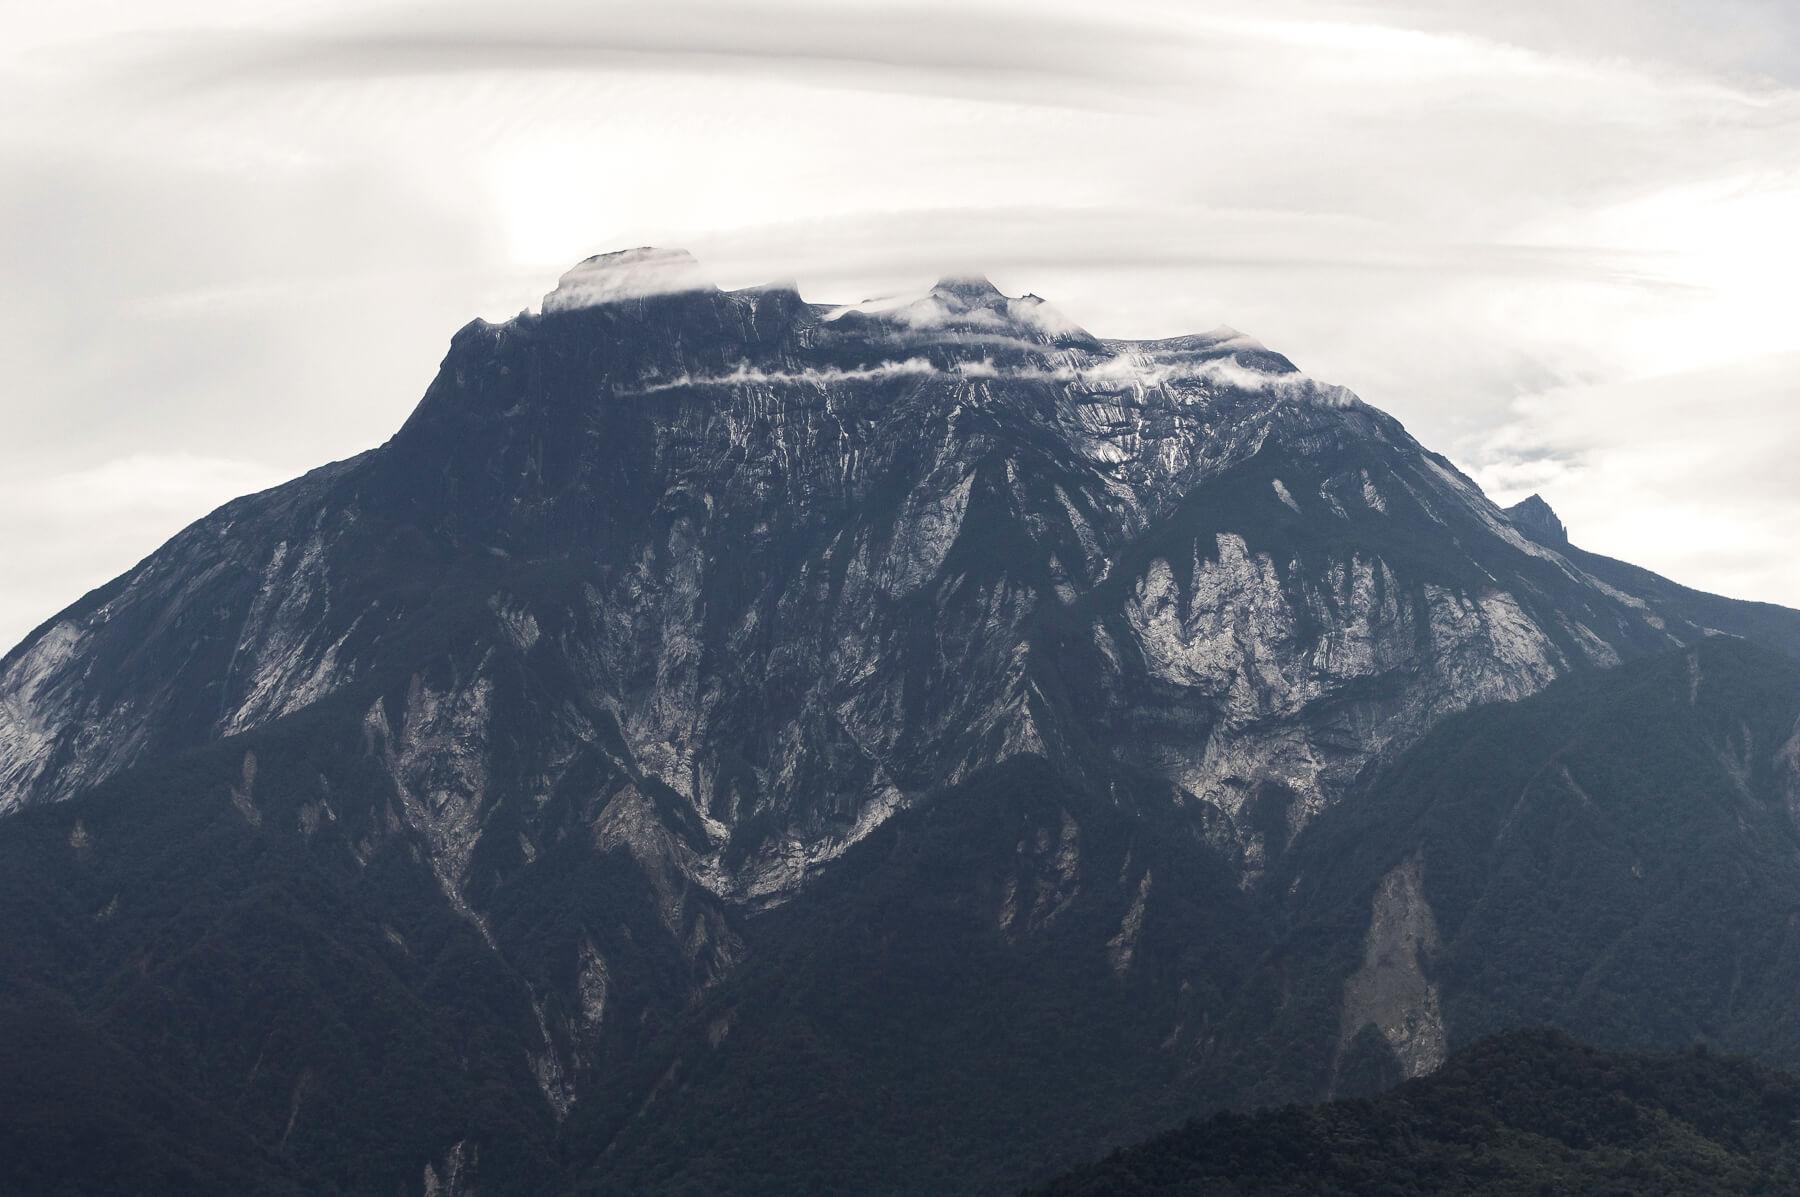 Kinabalu Mountain in Borneo